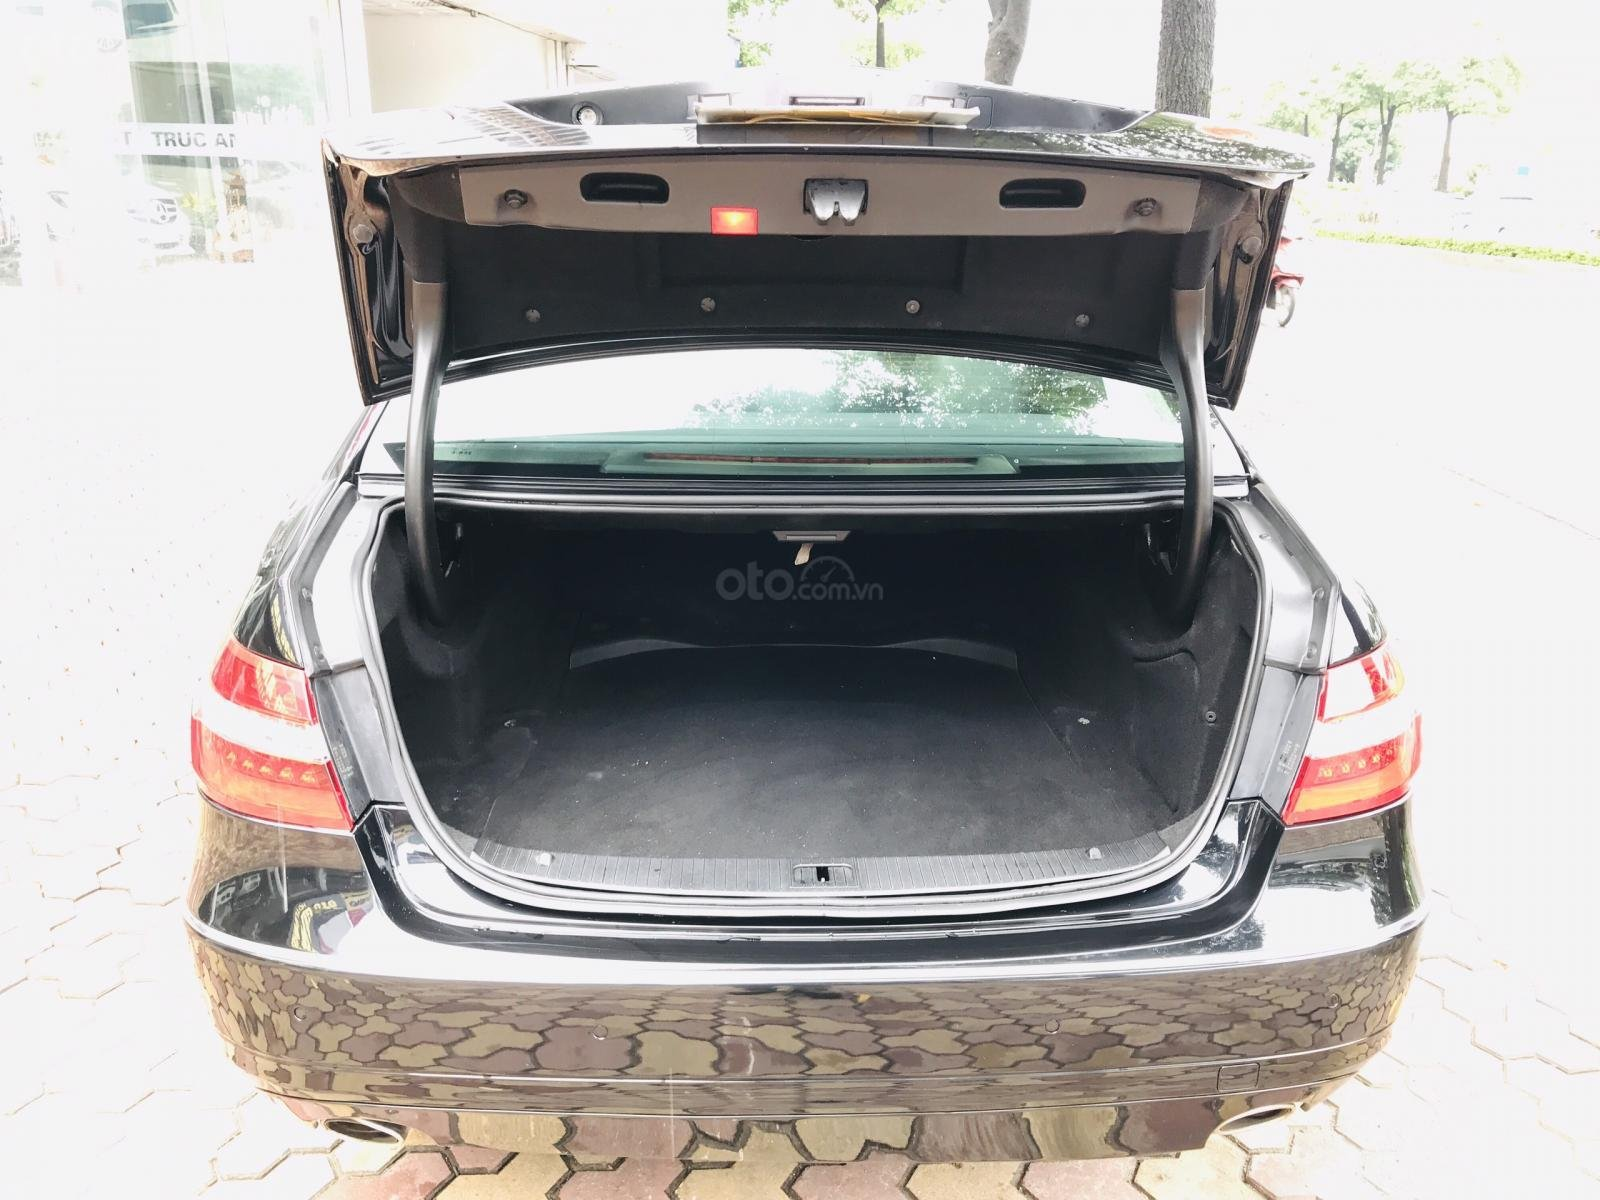 Mercedes E300 đời 2010, từng là chiếc xe đắt nhất được lắp ráp tại Việt Nam-11